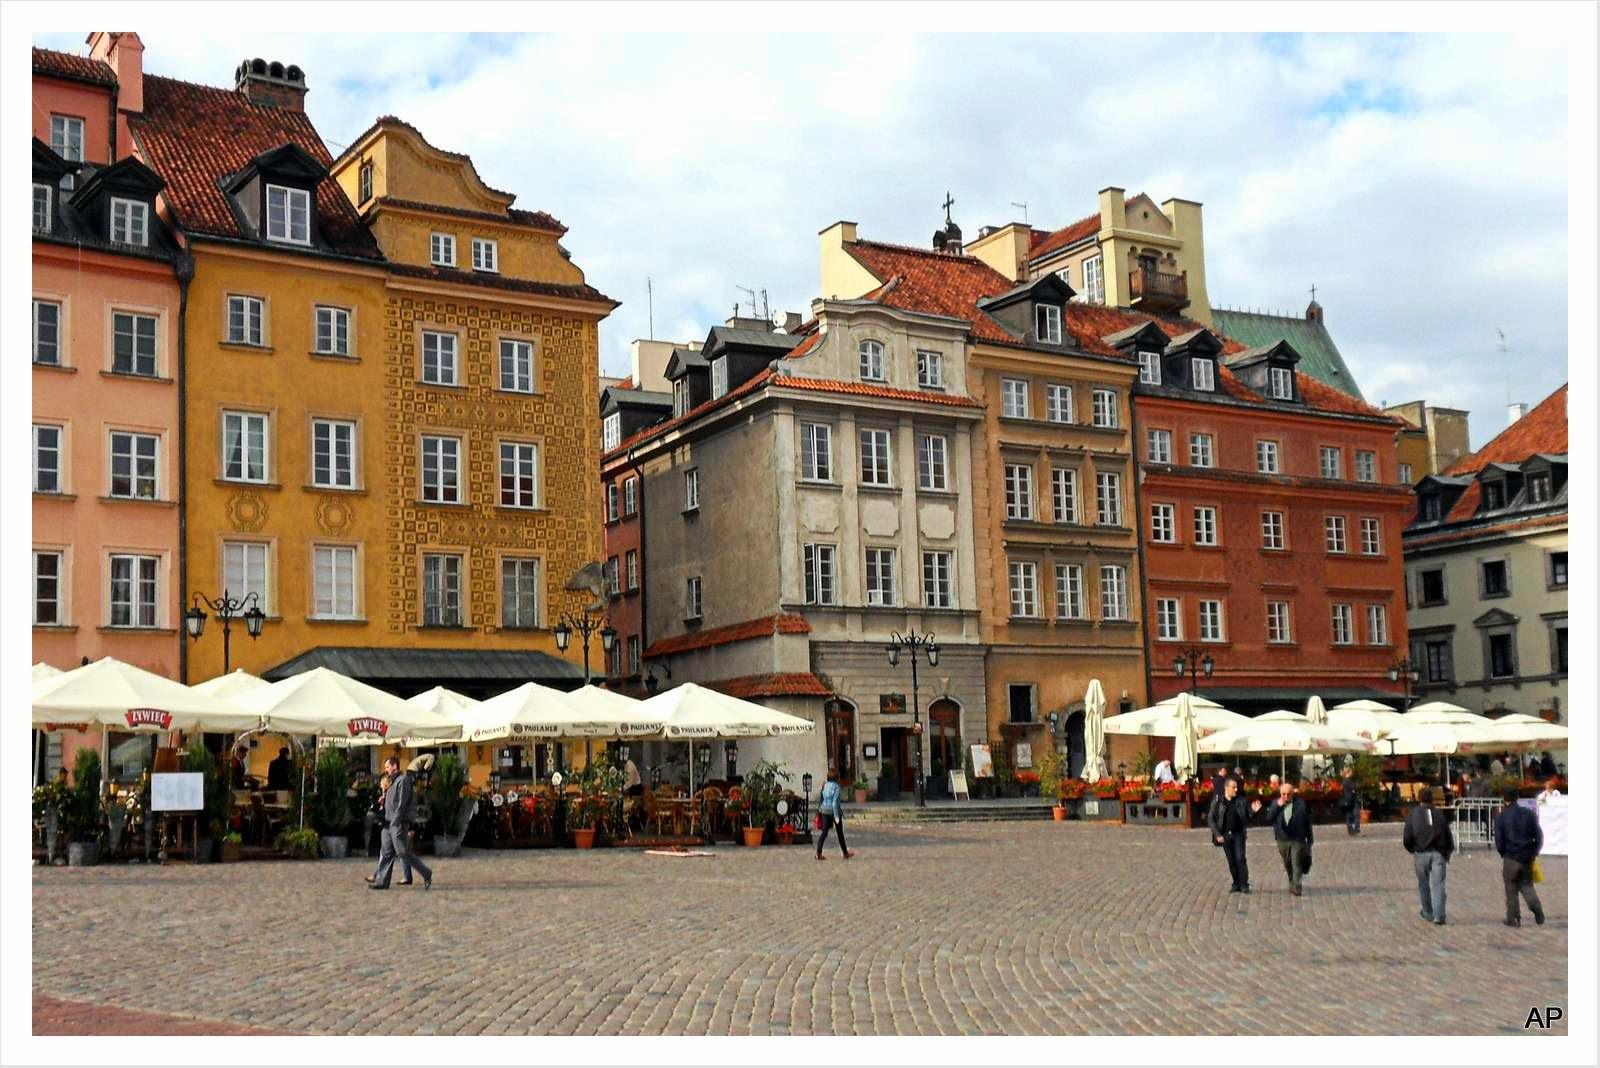 Zwei Seitenstraßen verlaufen von hier in Richtung Altstädter Marktplatz